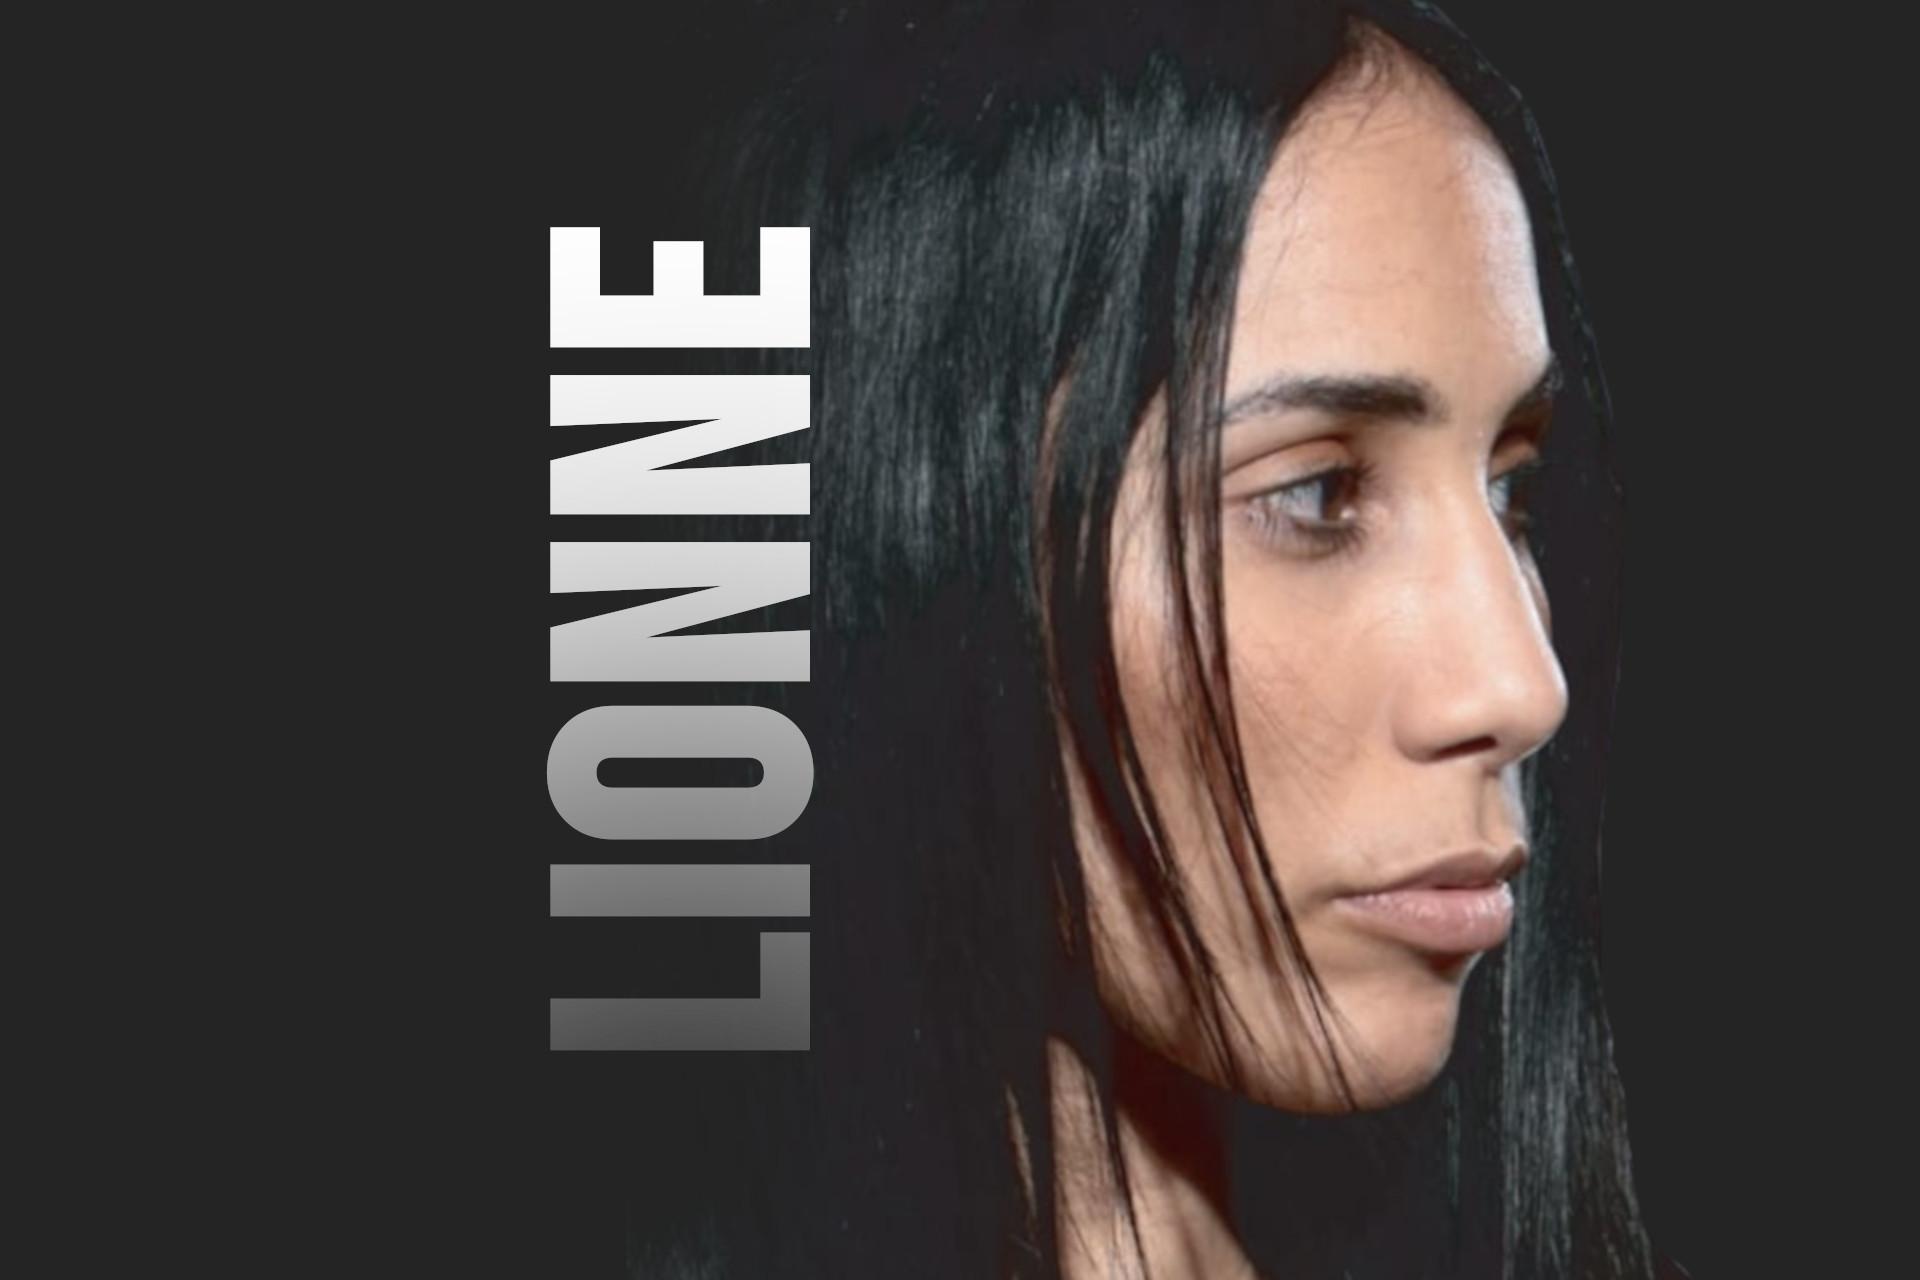 Une lionne dans la cage: Rizlen Zouak